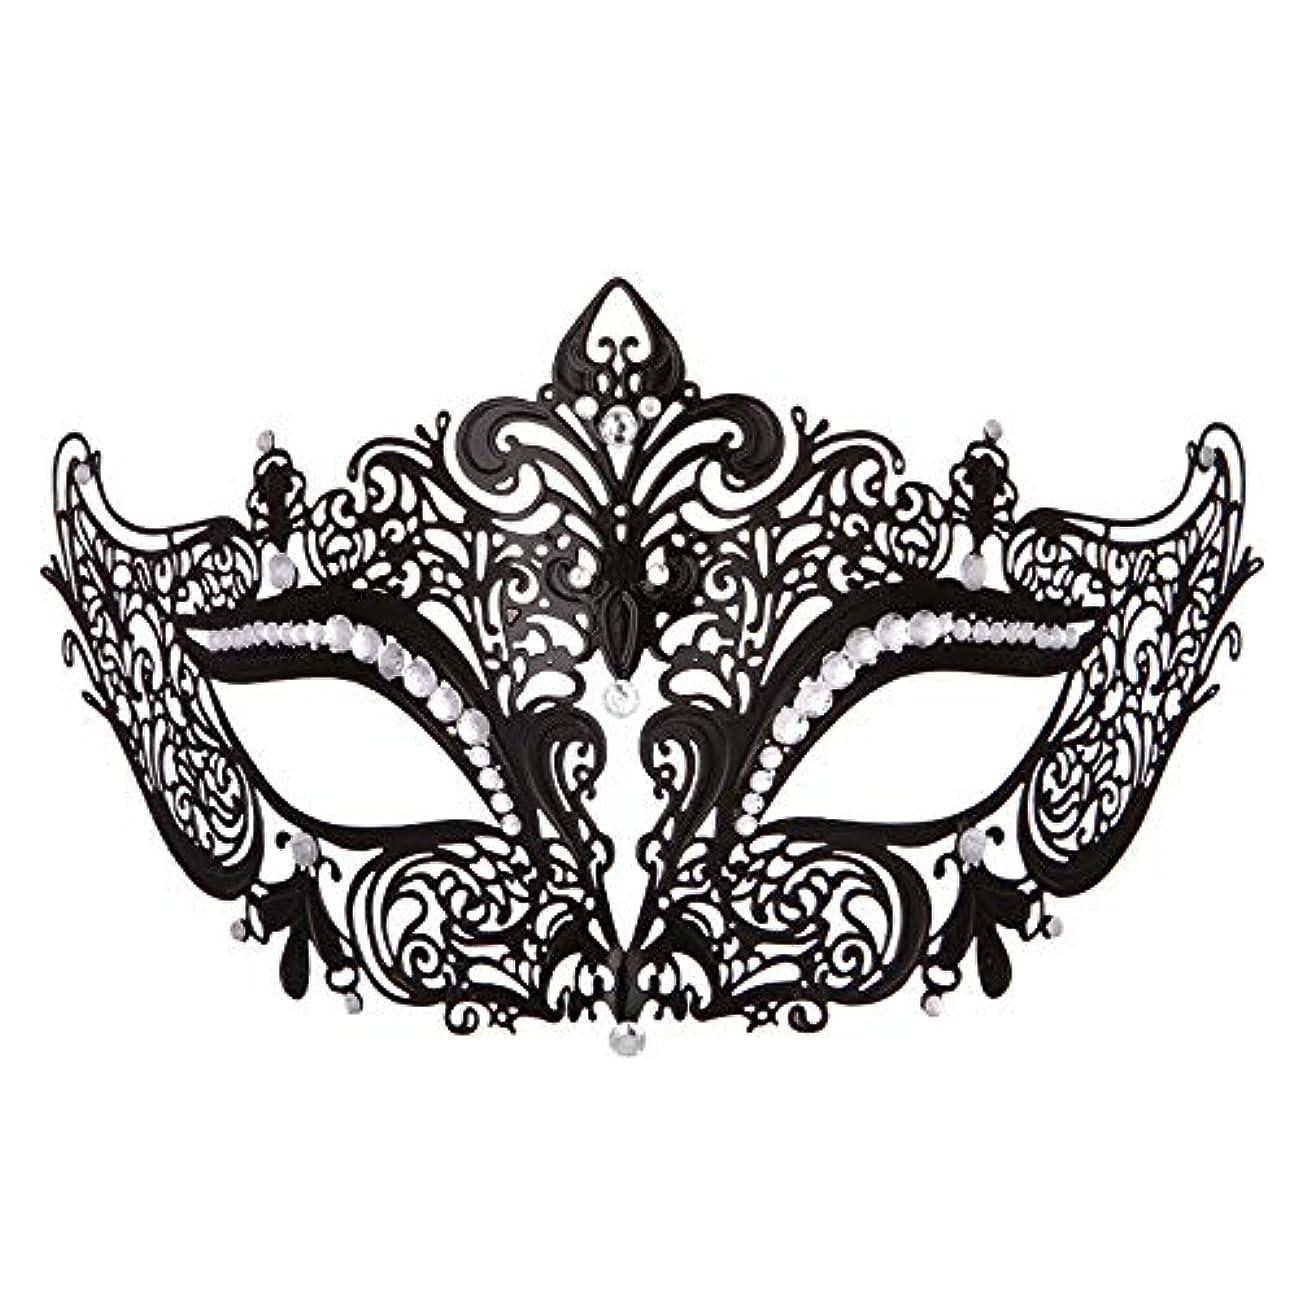 小麦粉含めるオリエントダンスマスク 高級金属鉄マスク女性美少女中空ハーフフェイスファッションナイトクラブパーティー仮面舞踏会マスク ホリデーパーティー用品 (色 : 白, サイズ : 19x8cm)